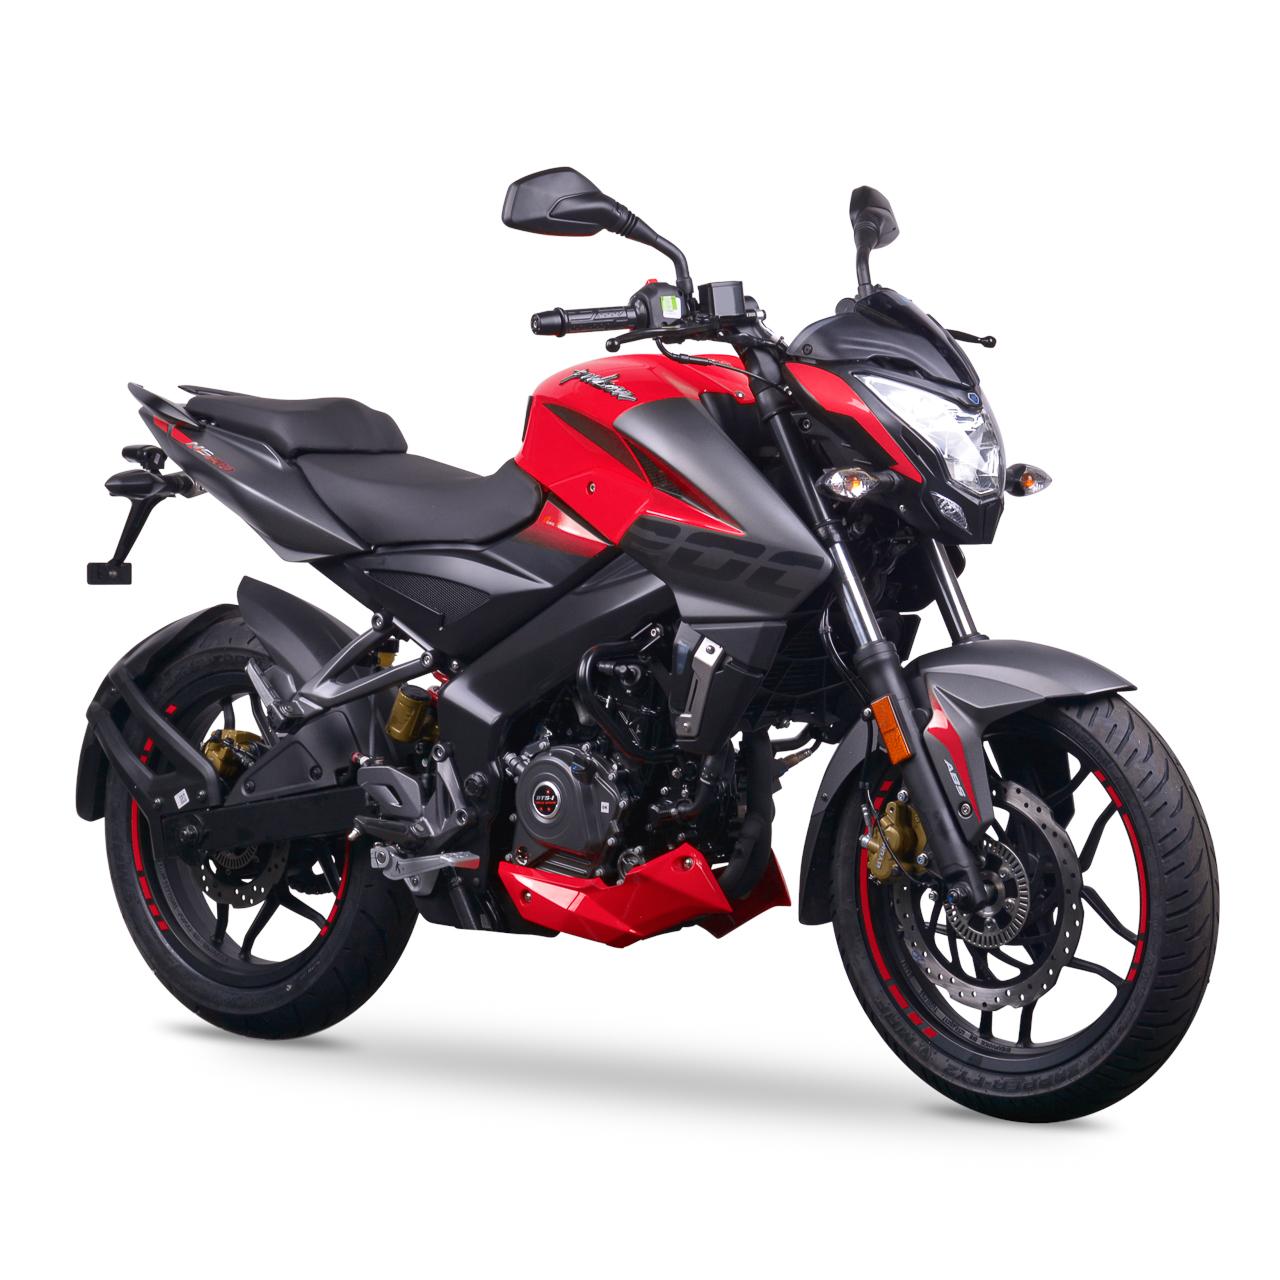 Мотоцикл BAJAJ Pulsar NS 200 купить в Москве, цены